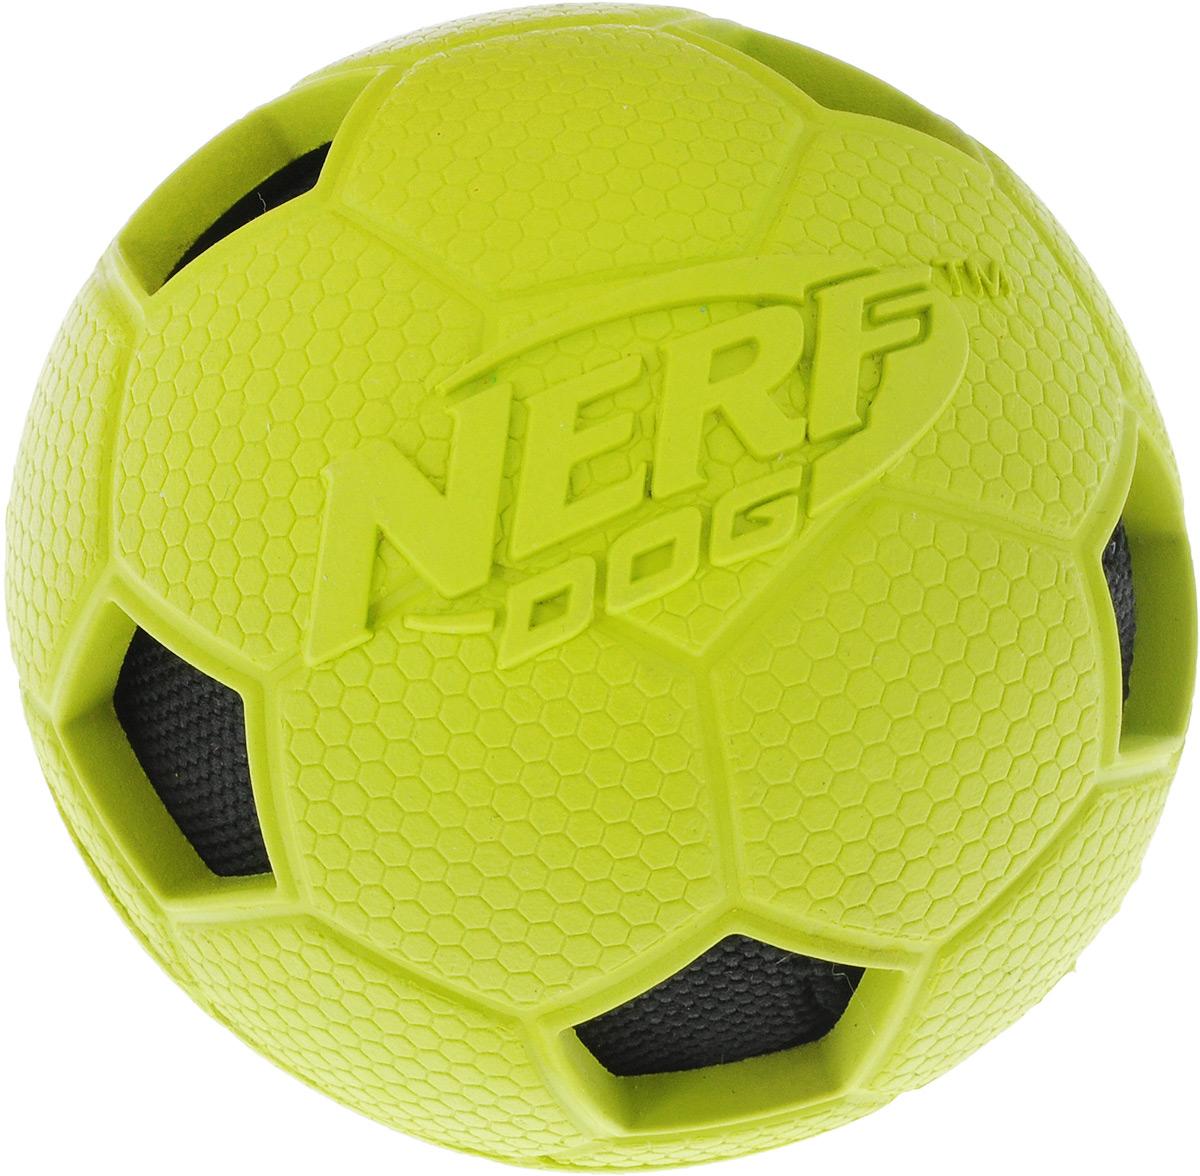 Игрушка для собак Nerf Мяч футбольный, цвет: салатовый, черный, диаметр 7,5 см мягкие игрушки дерево счастья игрушка антистресс футбольный мяч